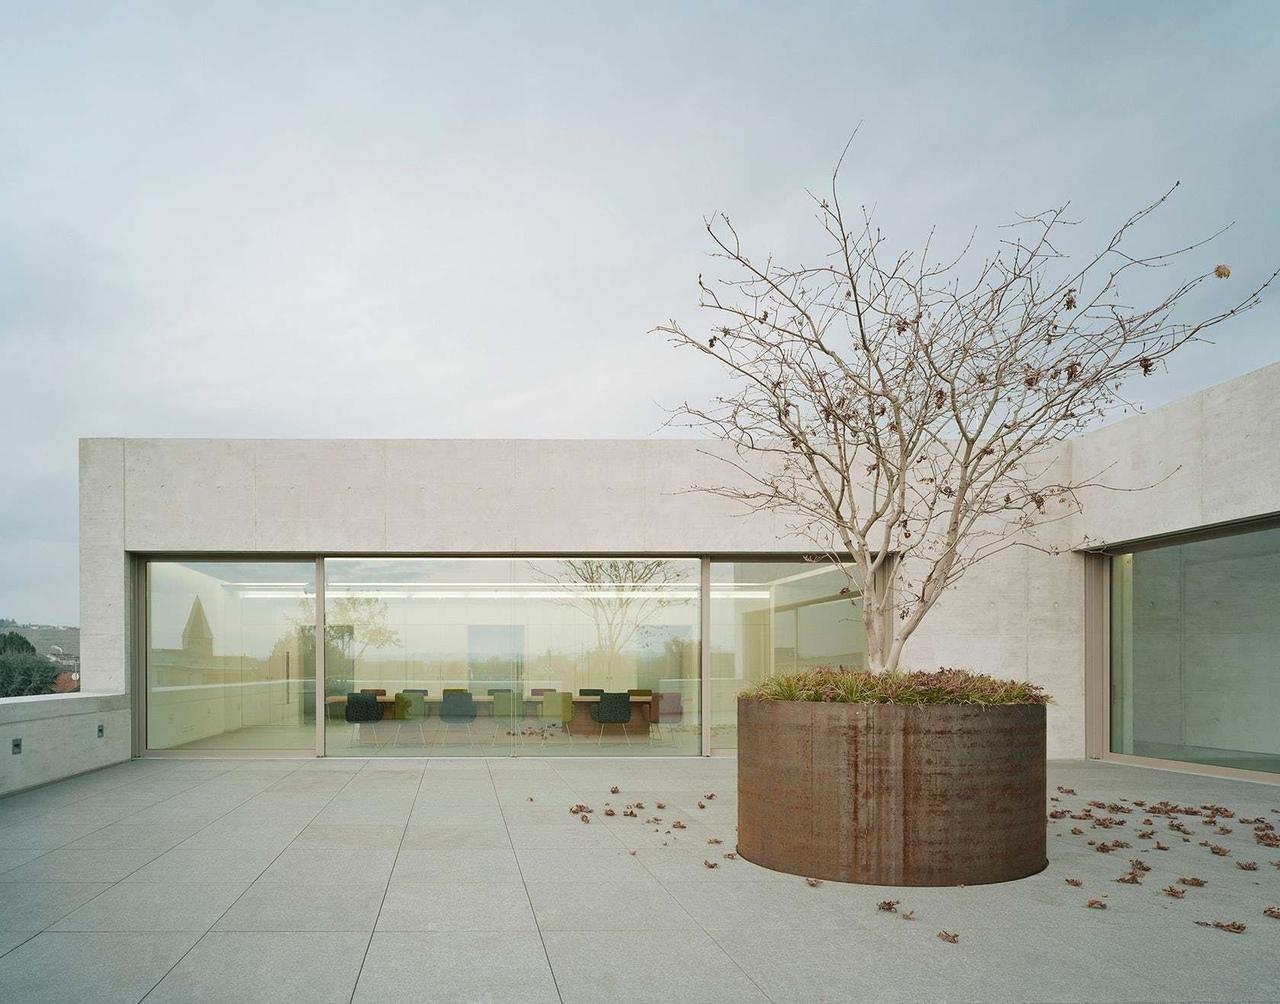 The Little Dark One Greiner Headquarters inPleidelsheim, Germany by f m b architekten - Norman Binder, Andreas-Thomas Mayer